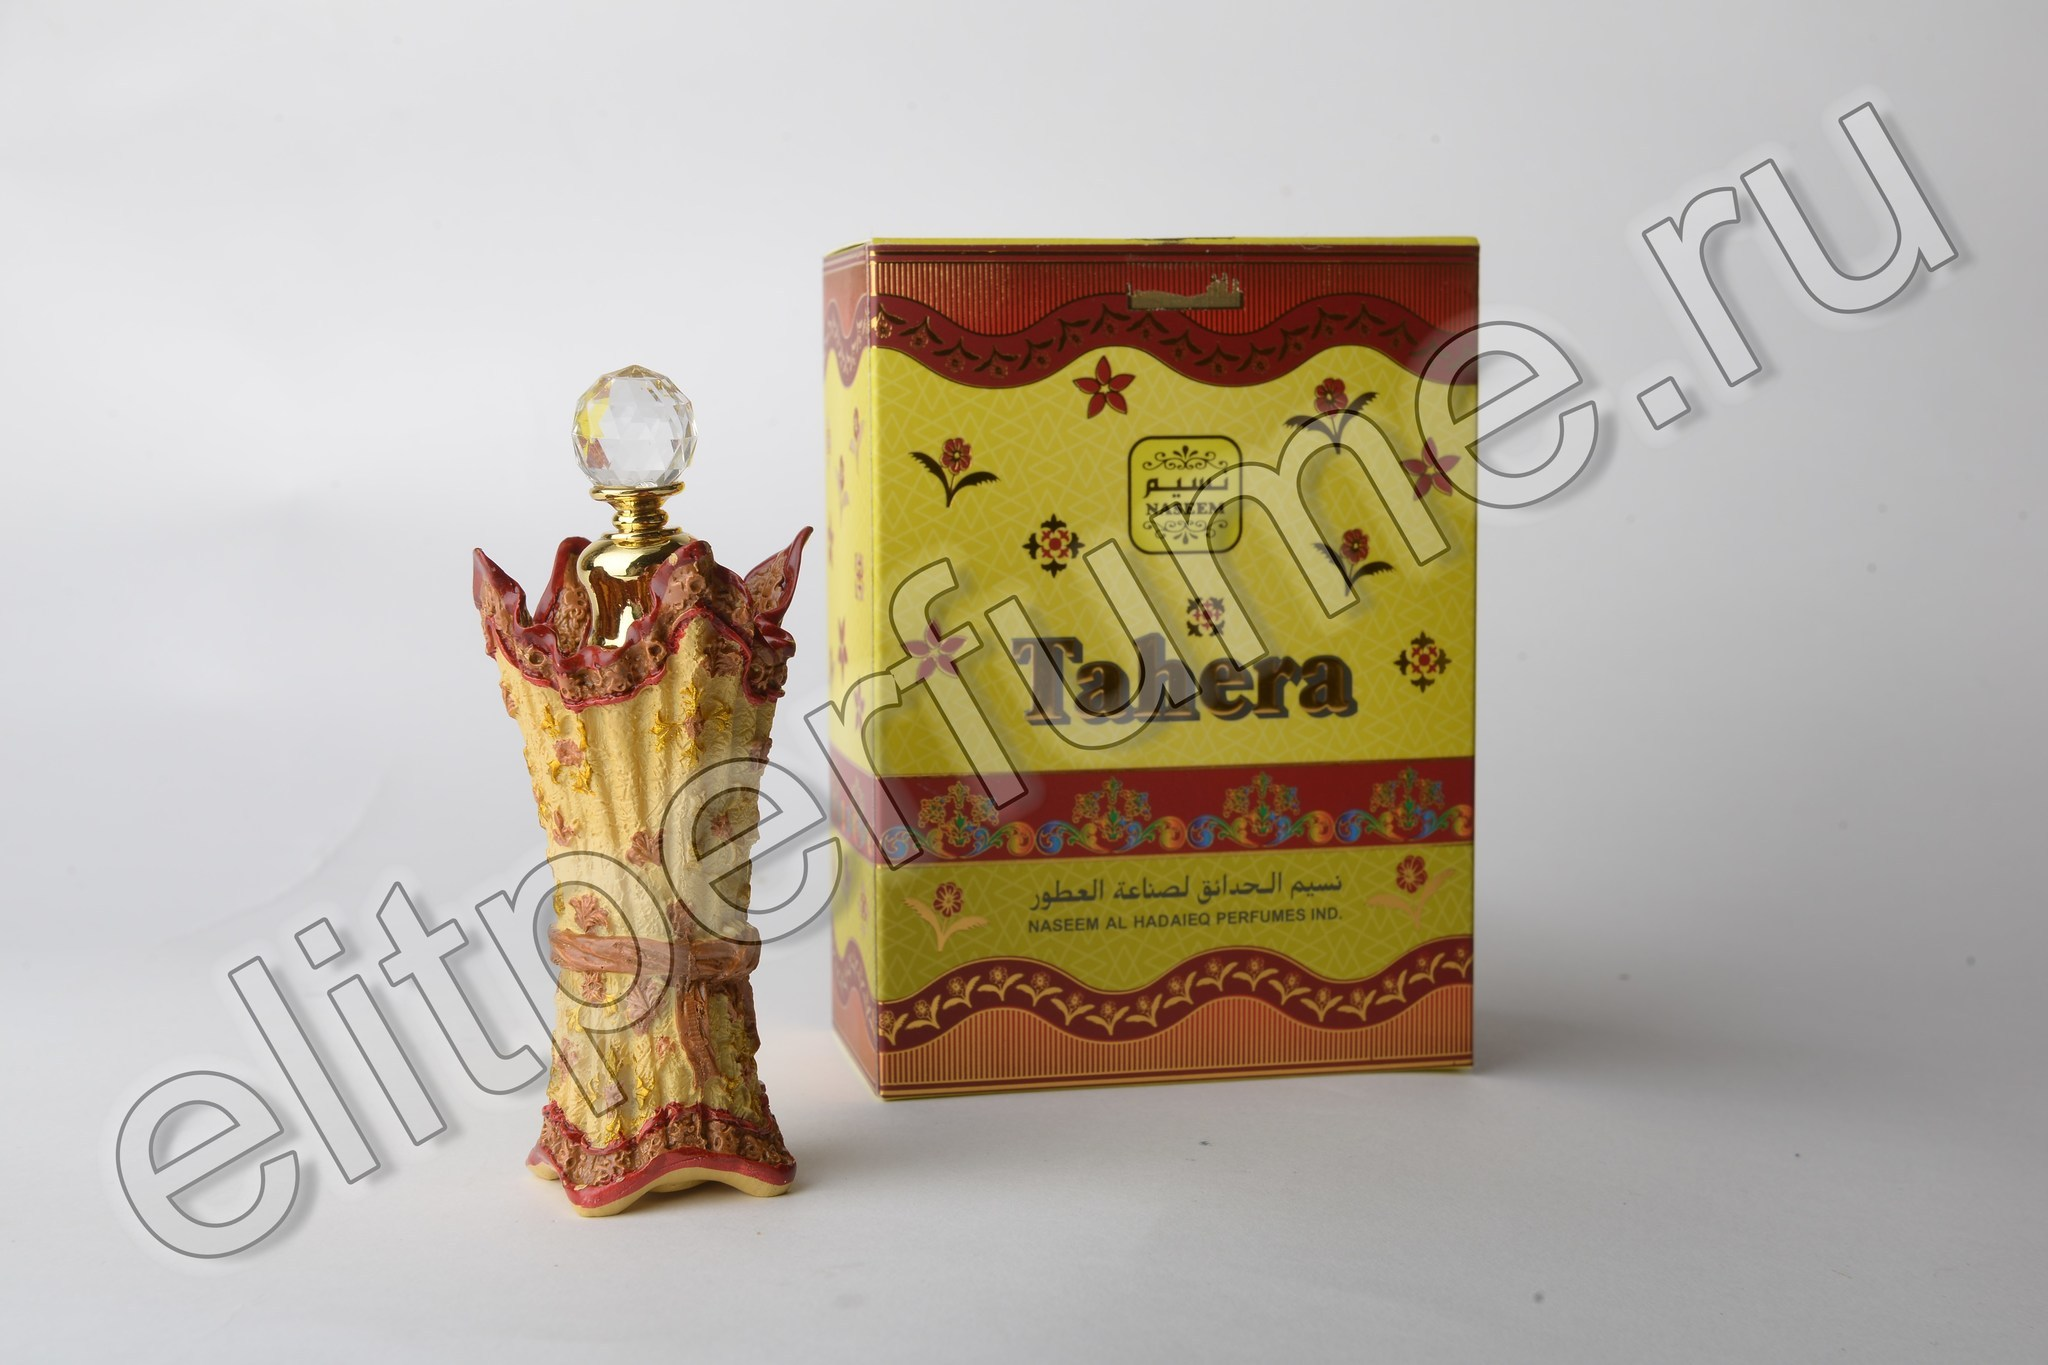 Пробник для Tahera Тахира 1 мл арабские масляные духи от Насим Naseem Perfumes